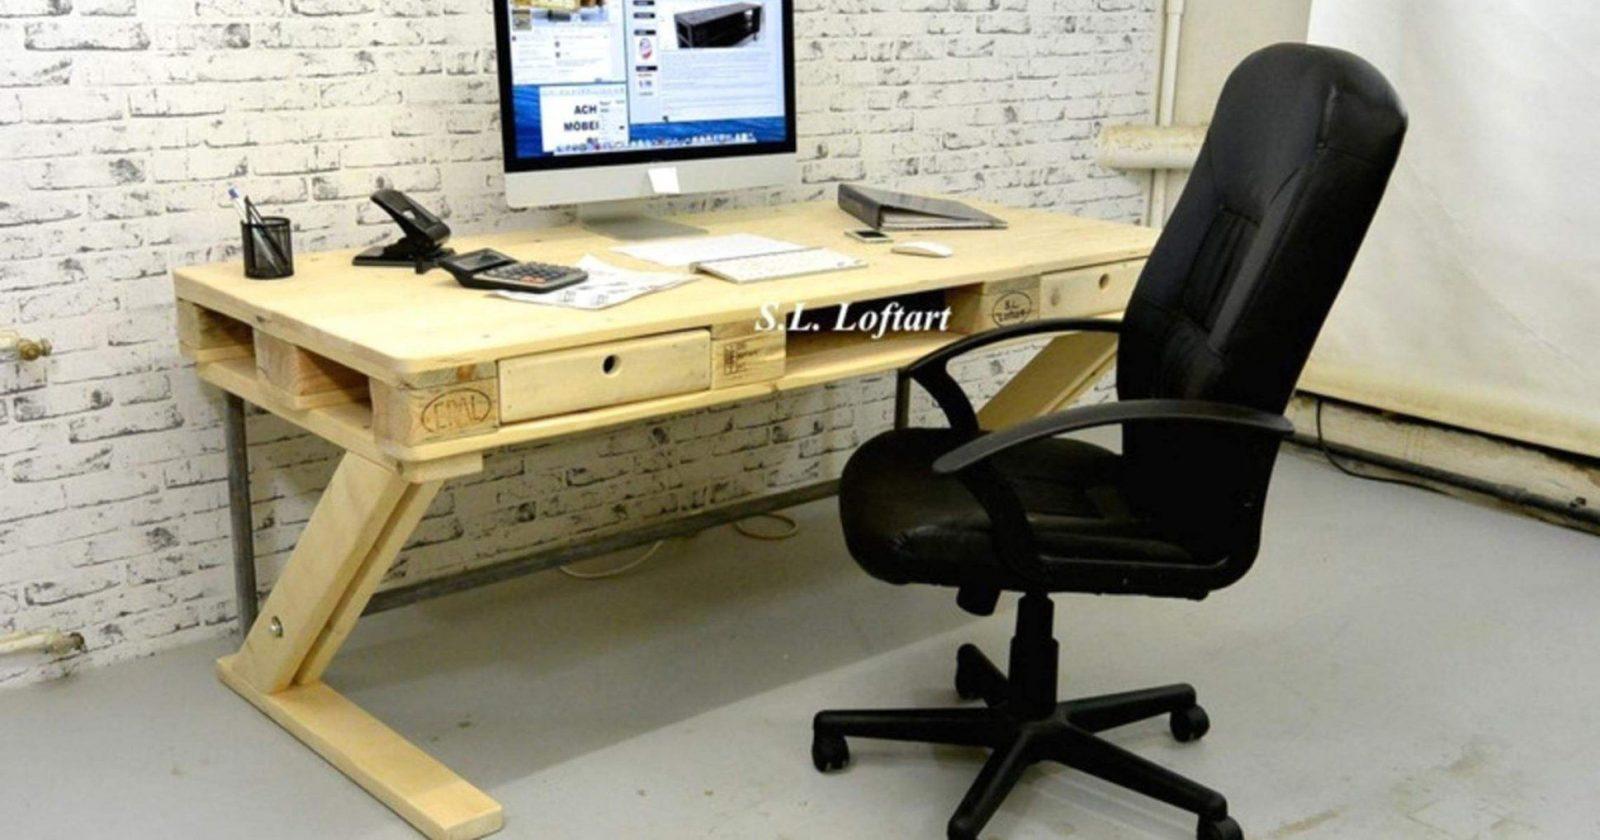 Gamer Tisch Schön Neueste Gaming Tisch Selber Bauen Tj58 Für Zocker von Gaming Tisch Selber Bauen Photo